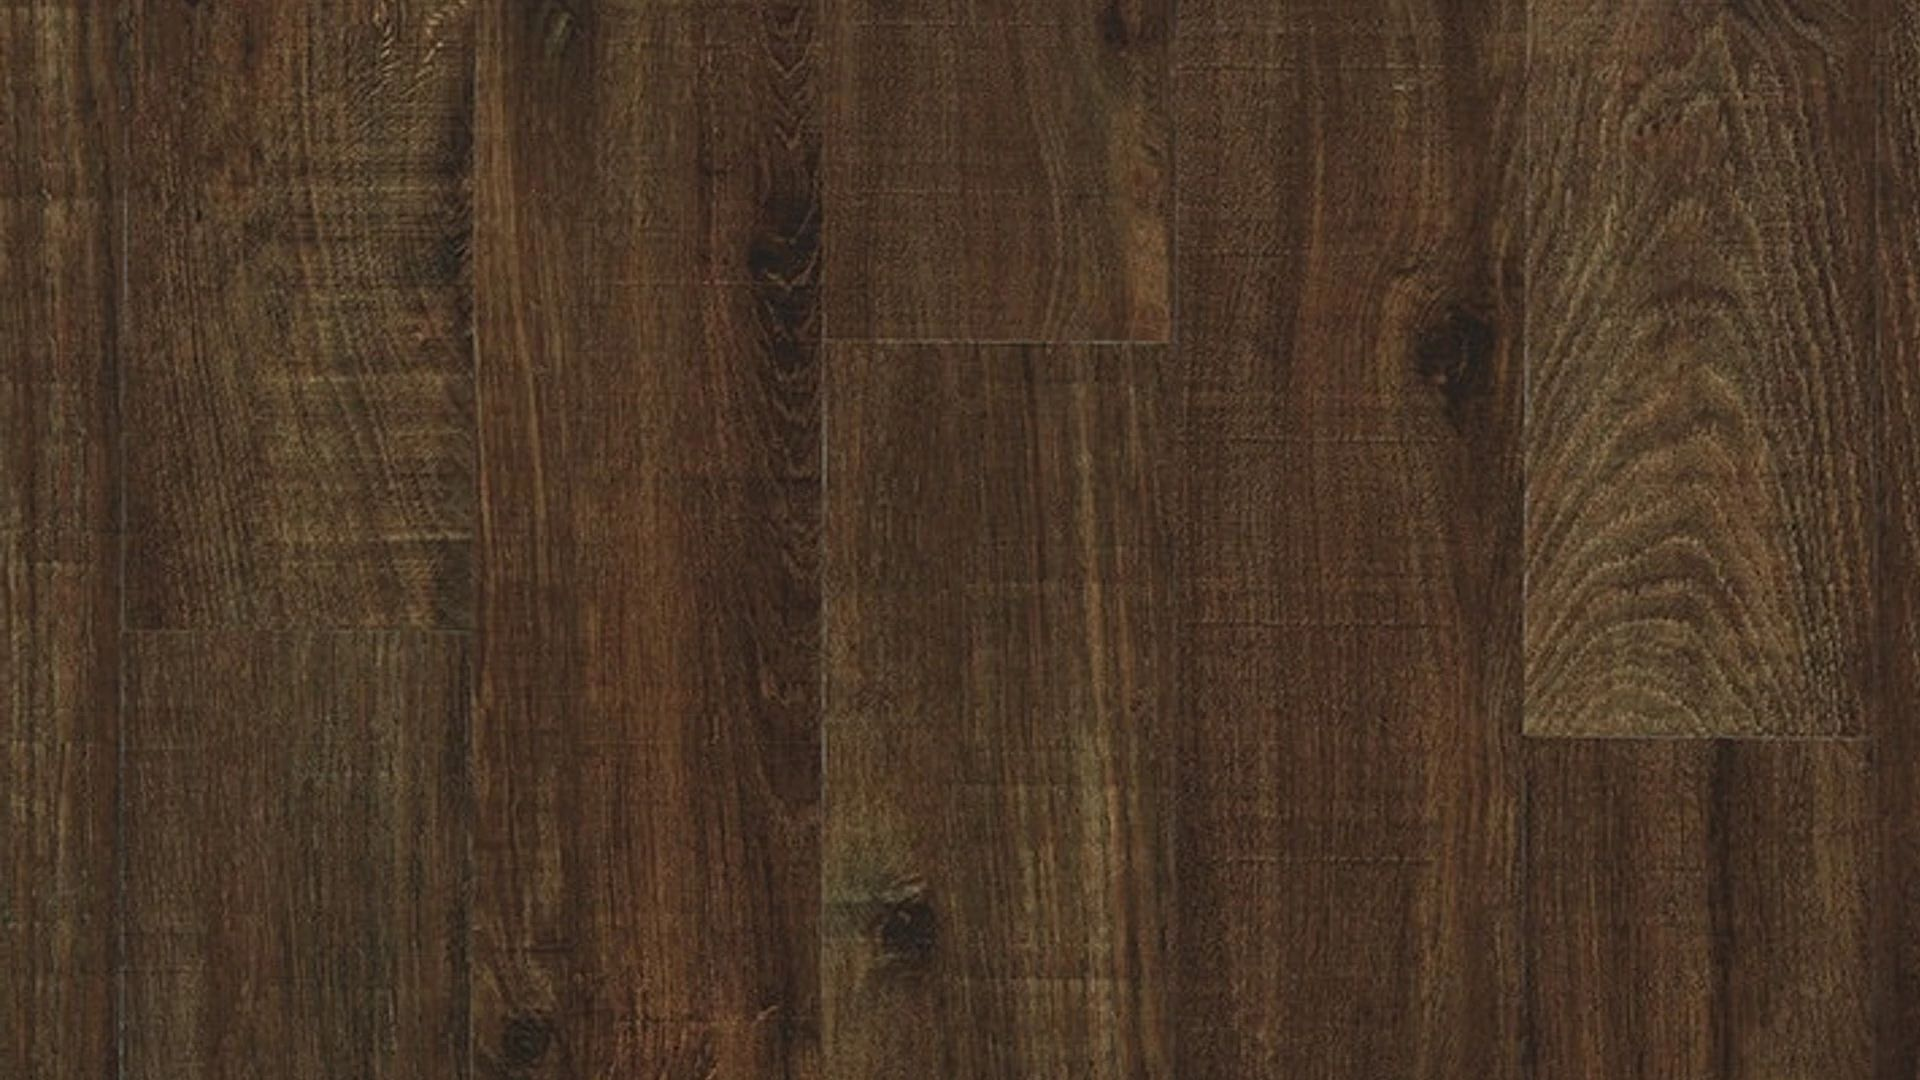 Deep Smoked Oak Vv023 00202 Vinyl Plank